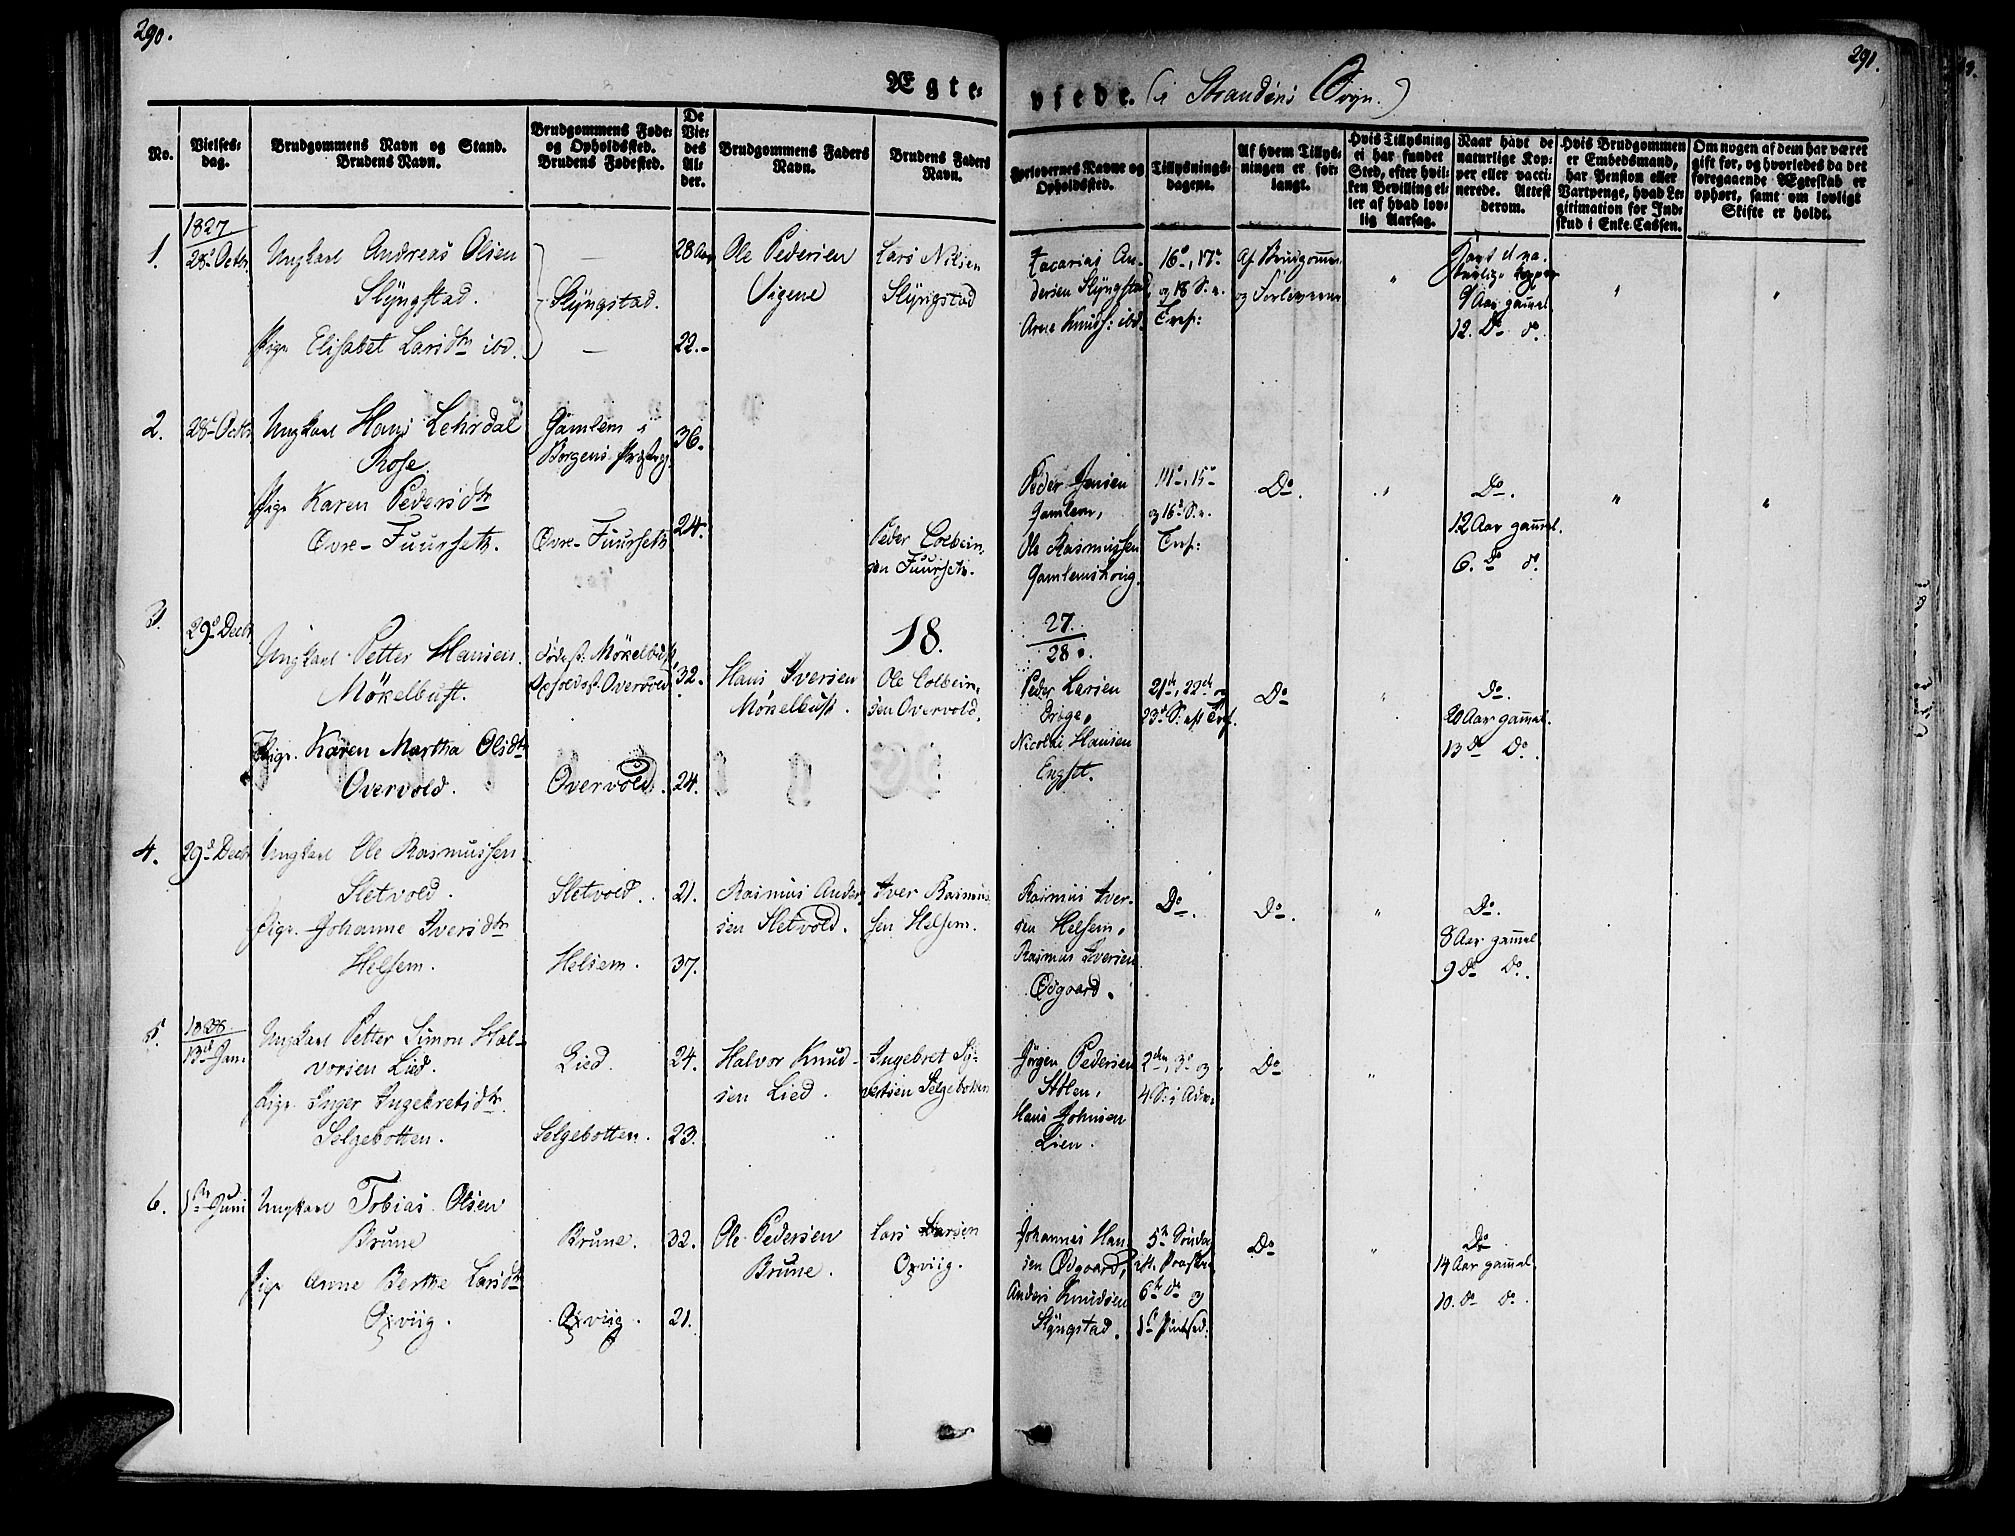 SAT, Ministerialprotokoller, klokkerbøker og fødselsregistre - Møre og Romsdal, 520/L0274: Ministerialbok nr. 520A04, 1827-1864, s. 290-291